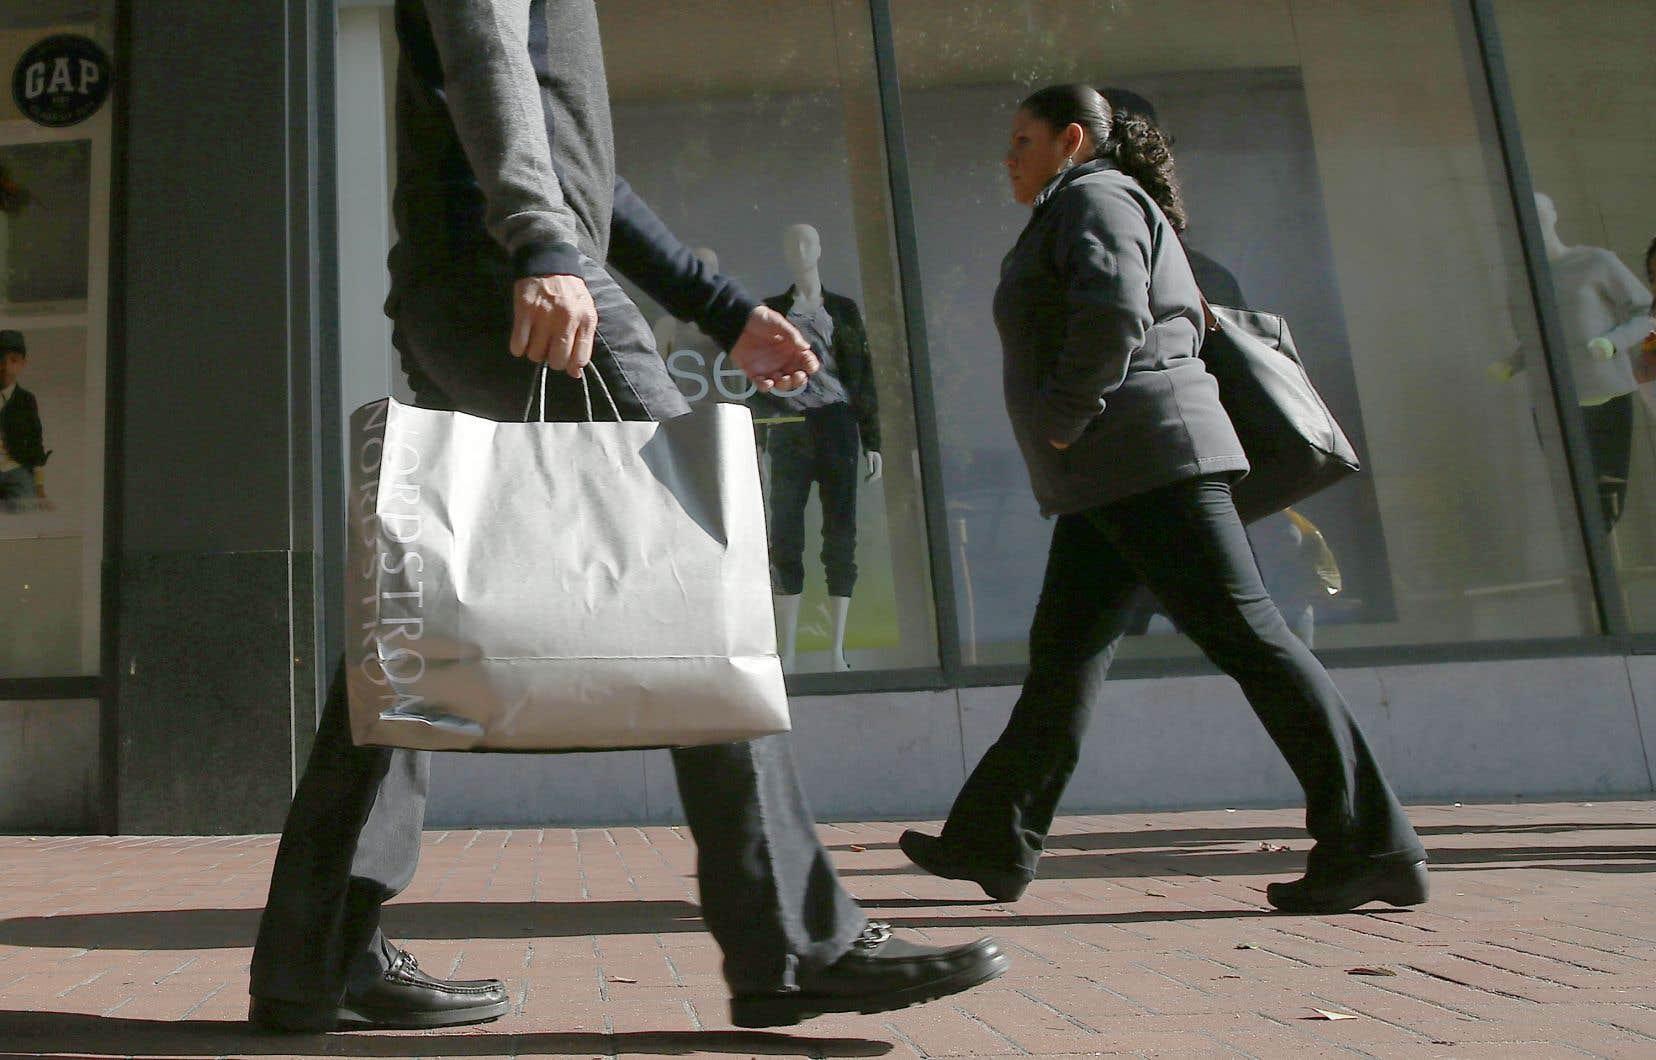 Sondage après sondage, les ménages demeurent prudents, évitent les grandes dépenses et priorisent l'épargne, explique l'économisteSébastien Lavoie.